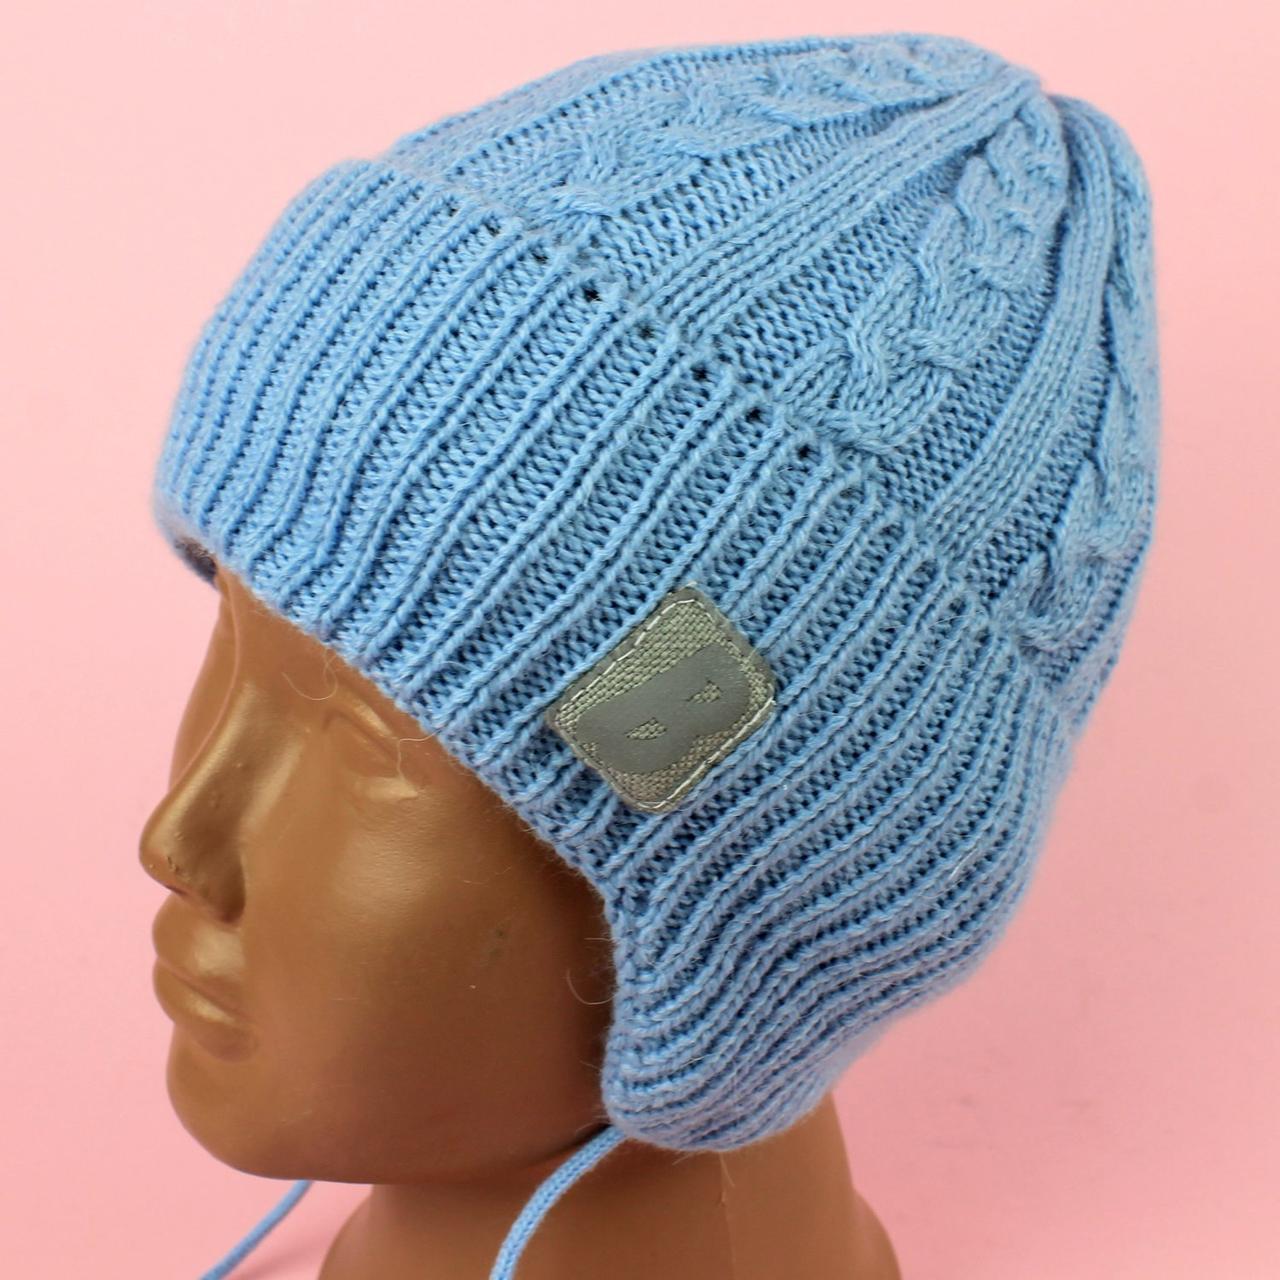 Шапка детская для мальчика Ноа голубая осень/зима размер 46-48,48-50,50-52 тм Babasik